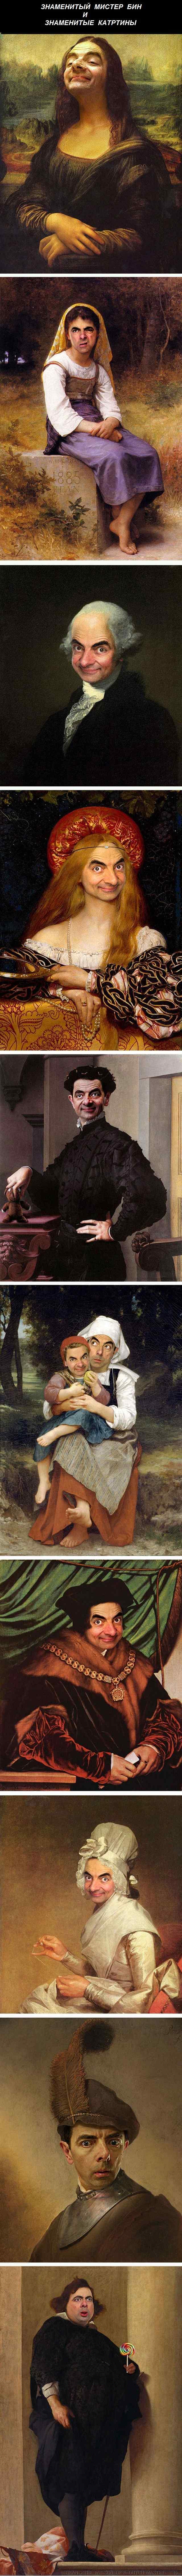 мировая живопись и мистер Бин